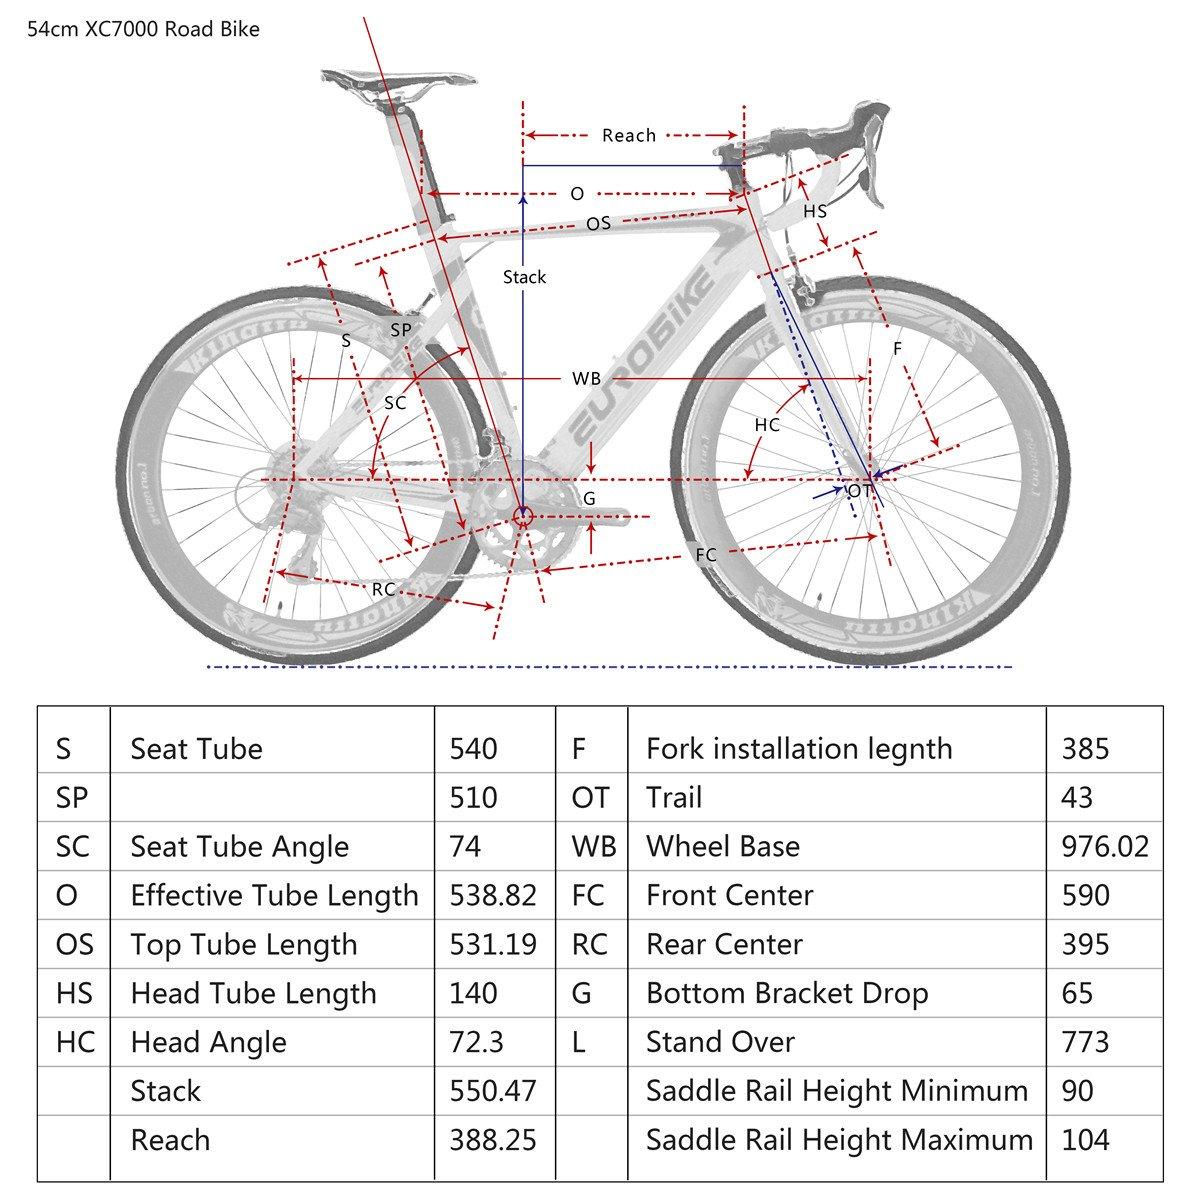 Eurobike XC7000 - Bicicleta de Carretera para Bicicleta de Carretera (Marco de Aluminio 700 C, 14 velocidades), Blanco: Amazon.es: Deportes y aire libre